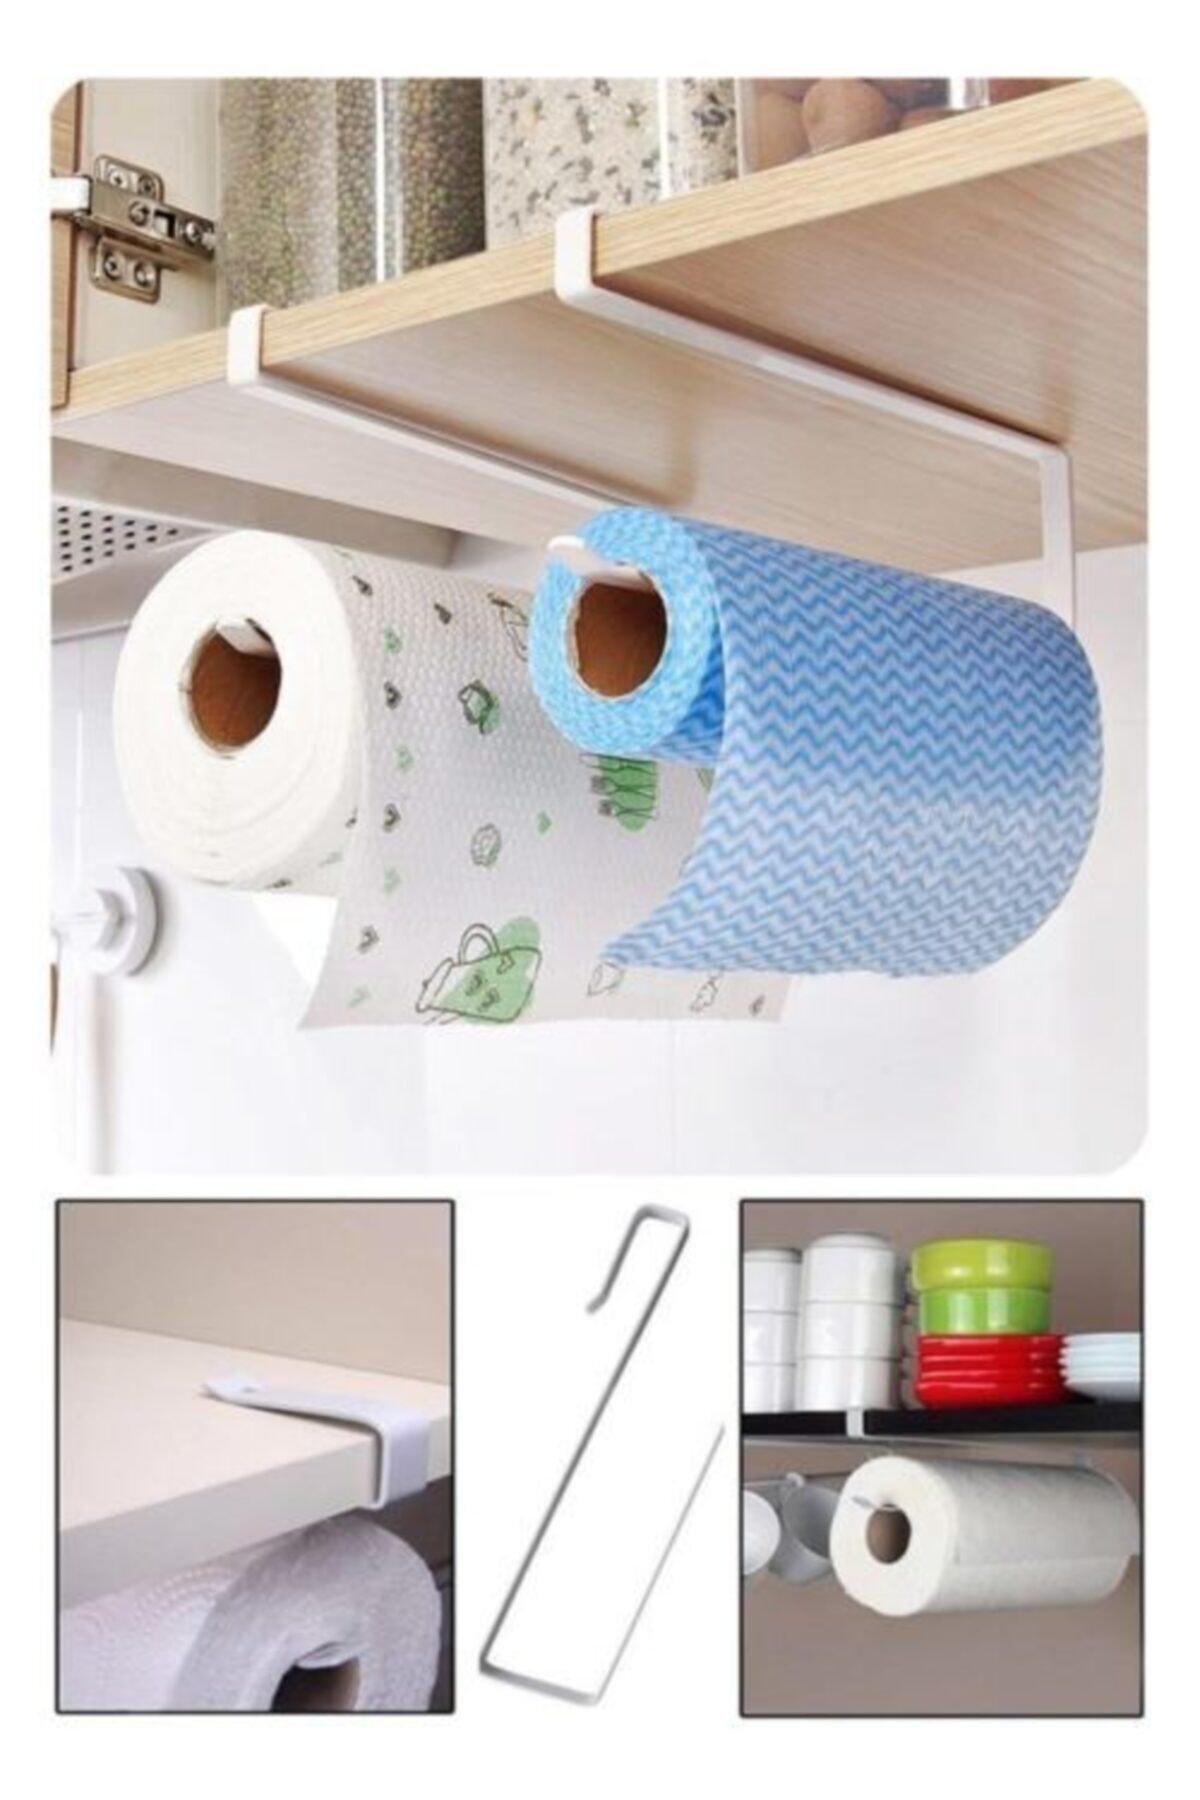 Mutfak Dolabı Raf Altı Metal Kağıt Havlu Askısı Aparatı Havluluk